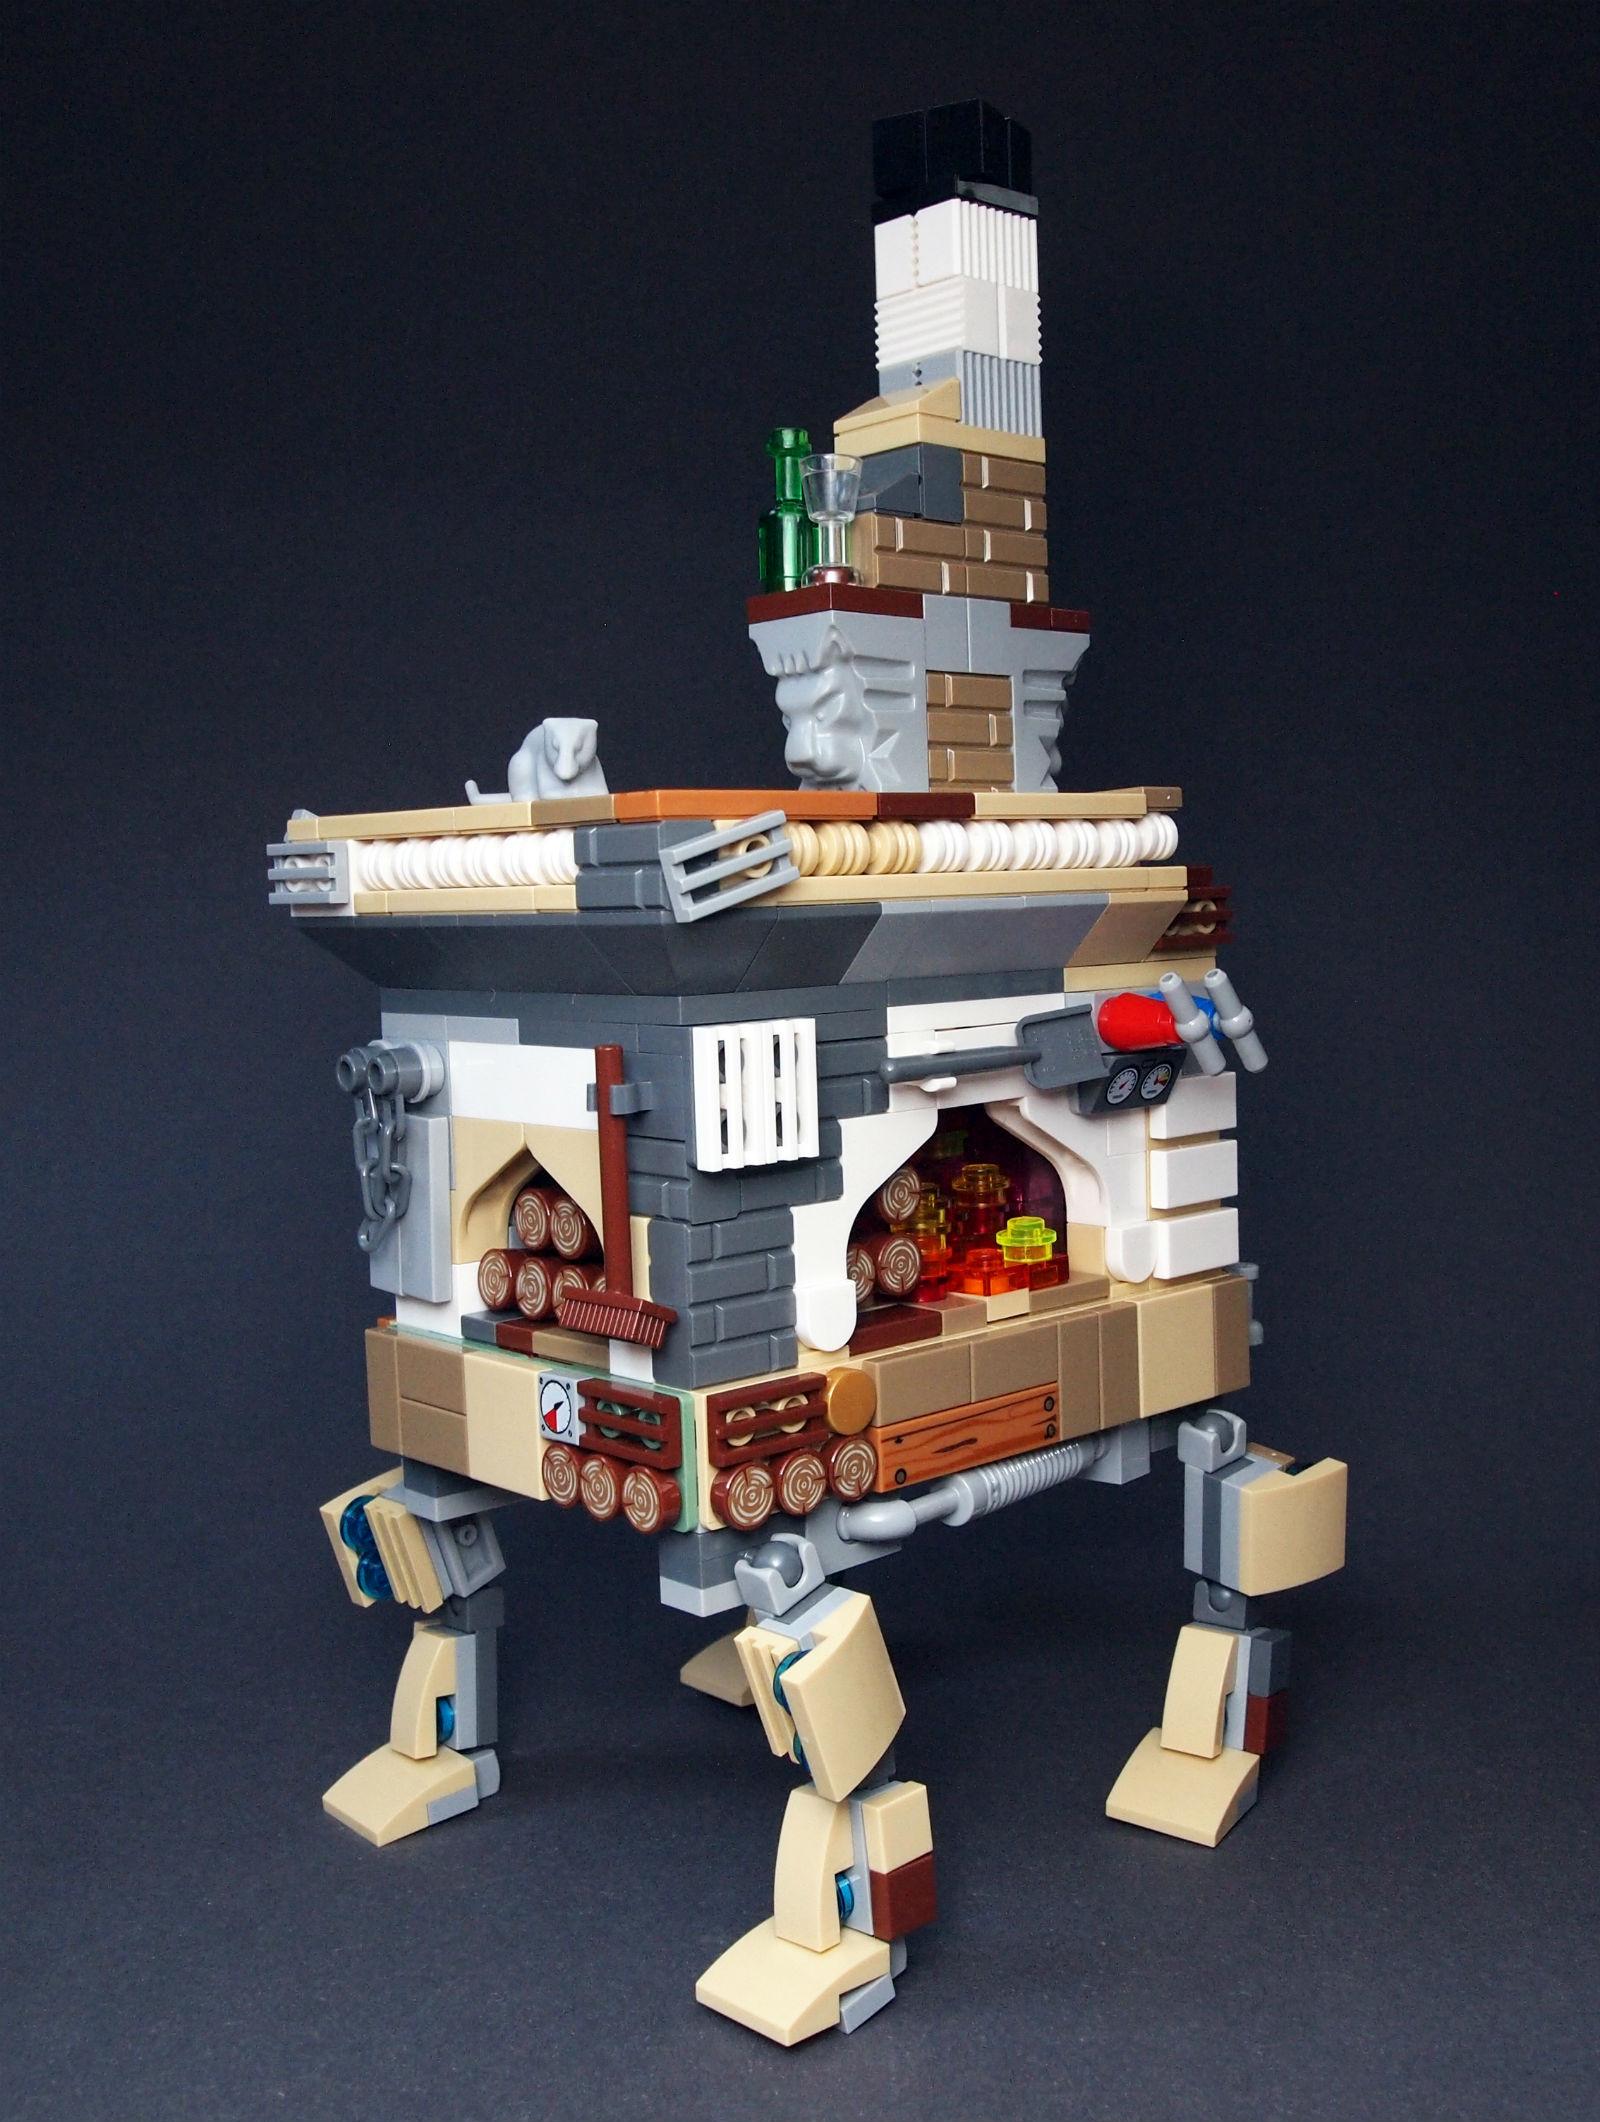 lego саморобка піч